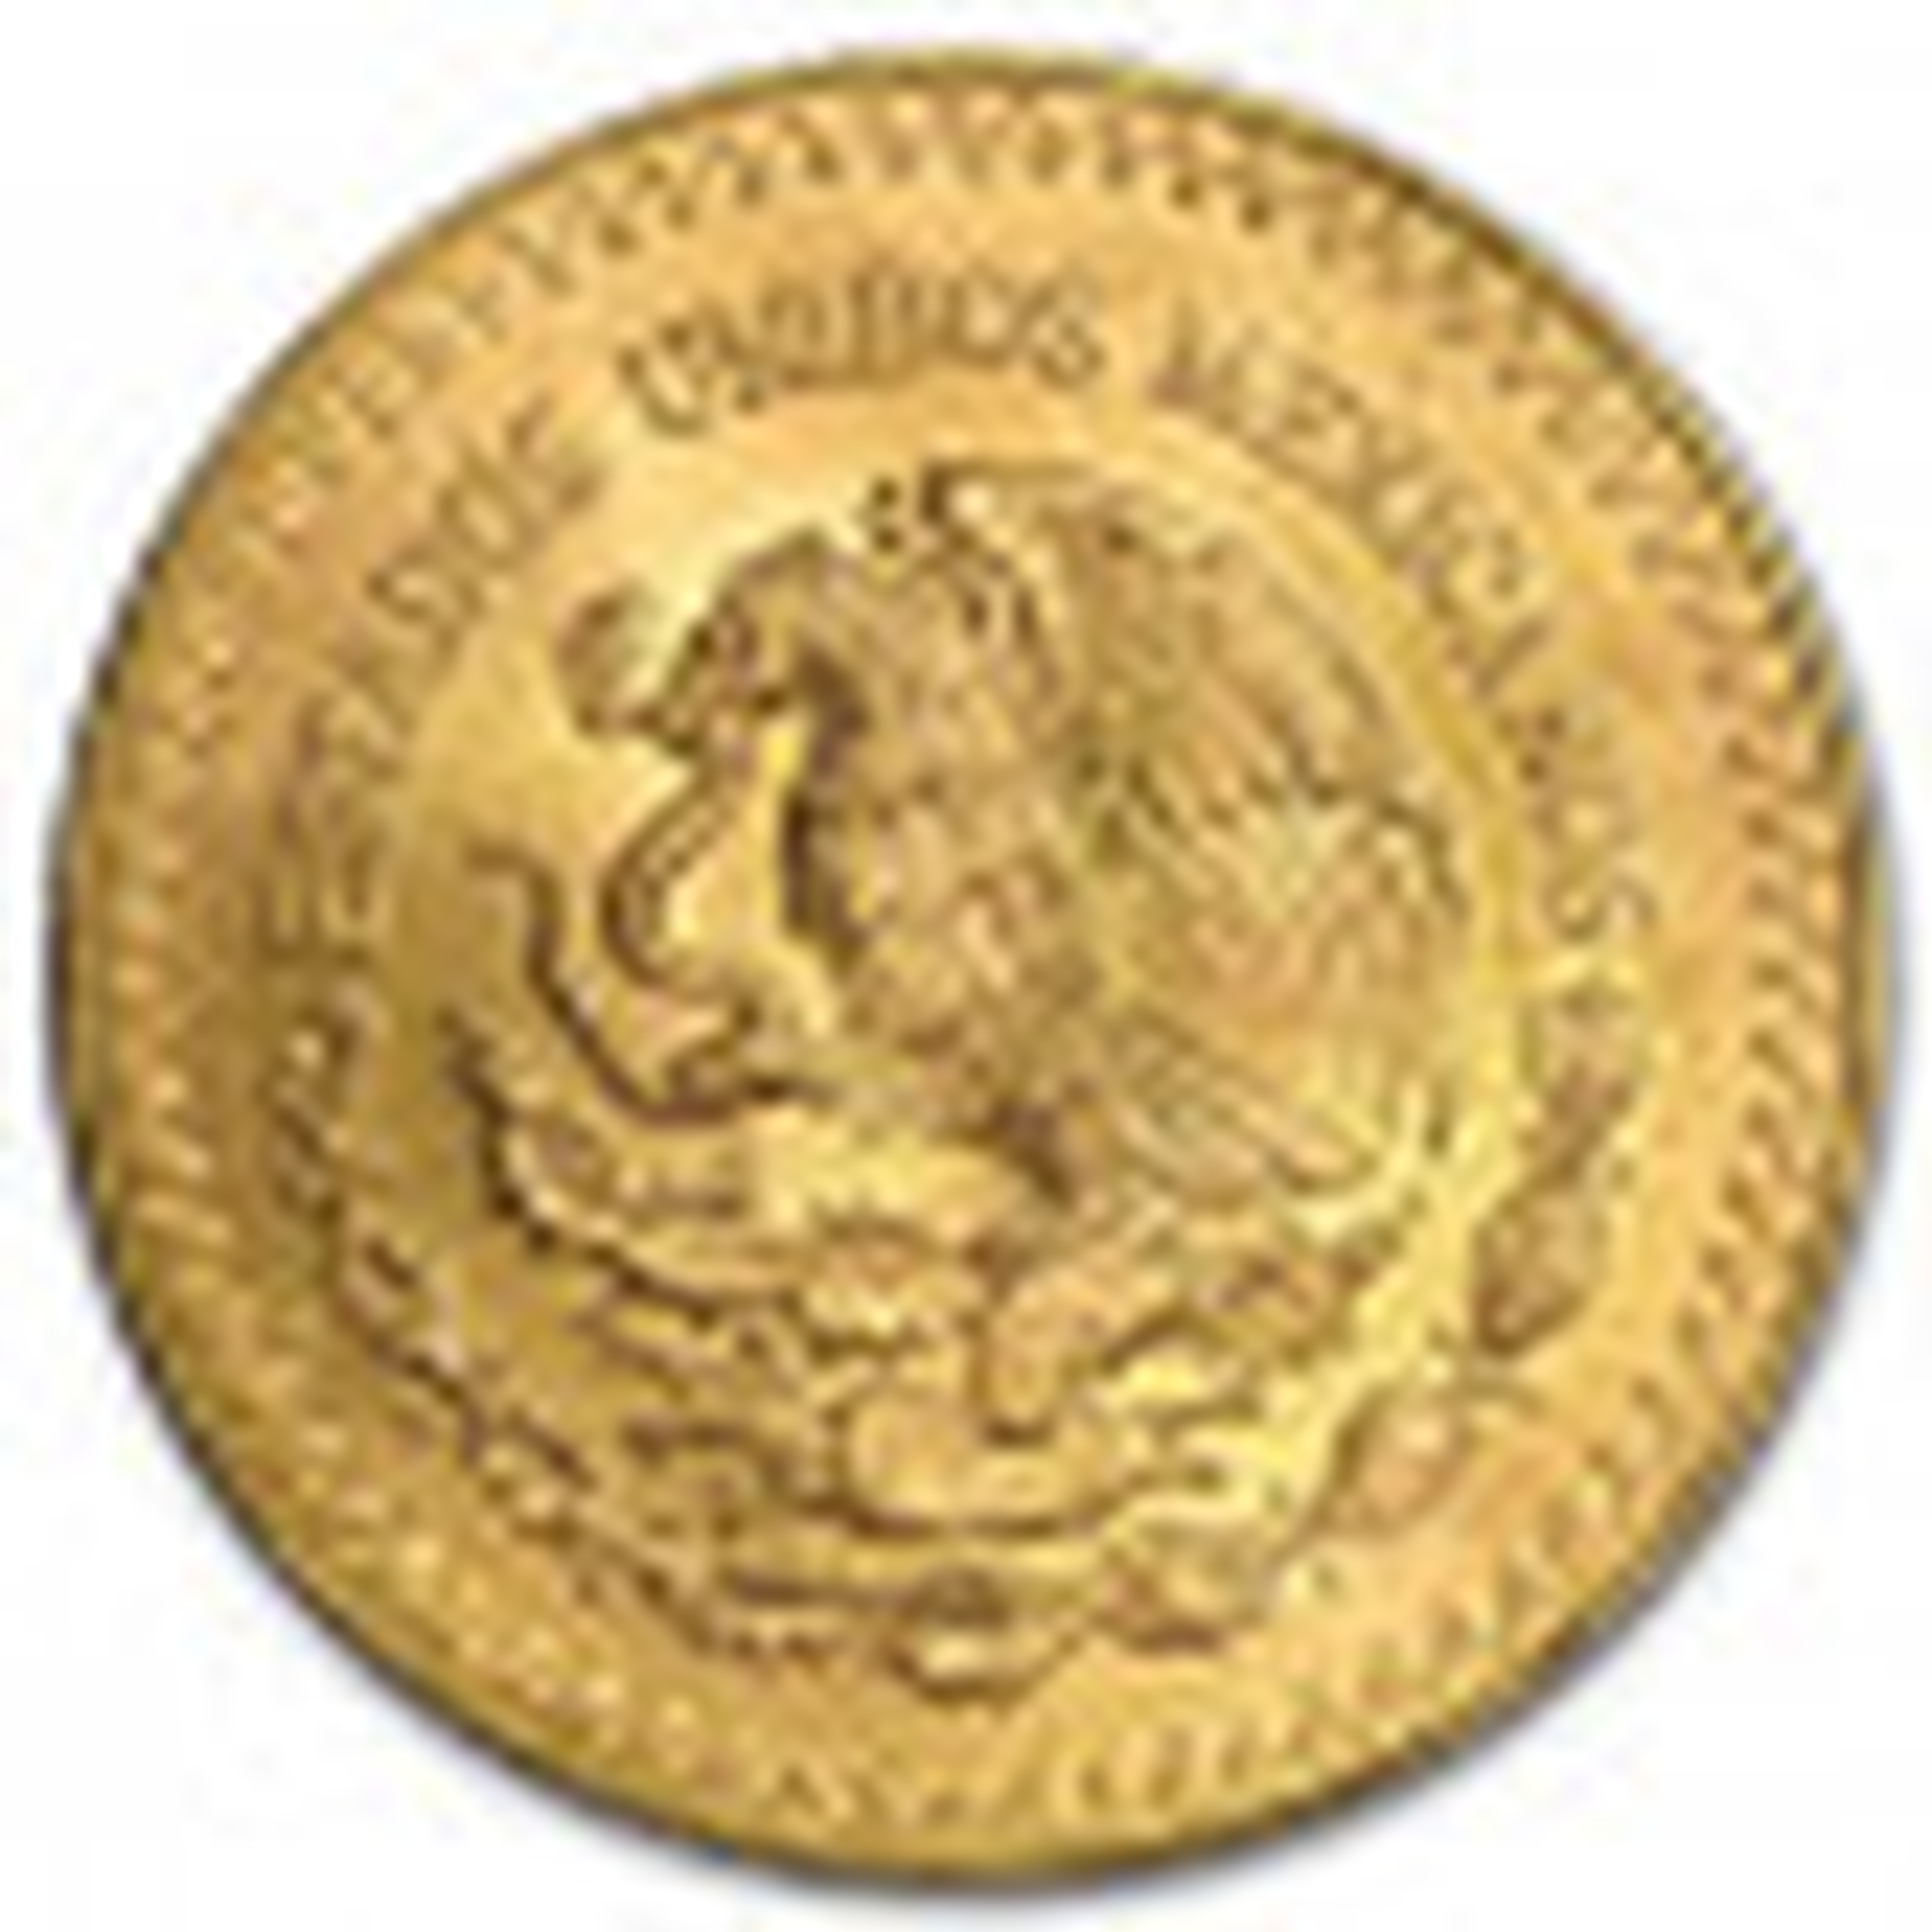 Gouden Mexican Libertad 1/2 oz Proof - diverse jaargangen